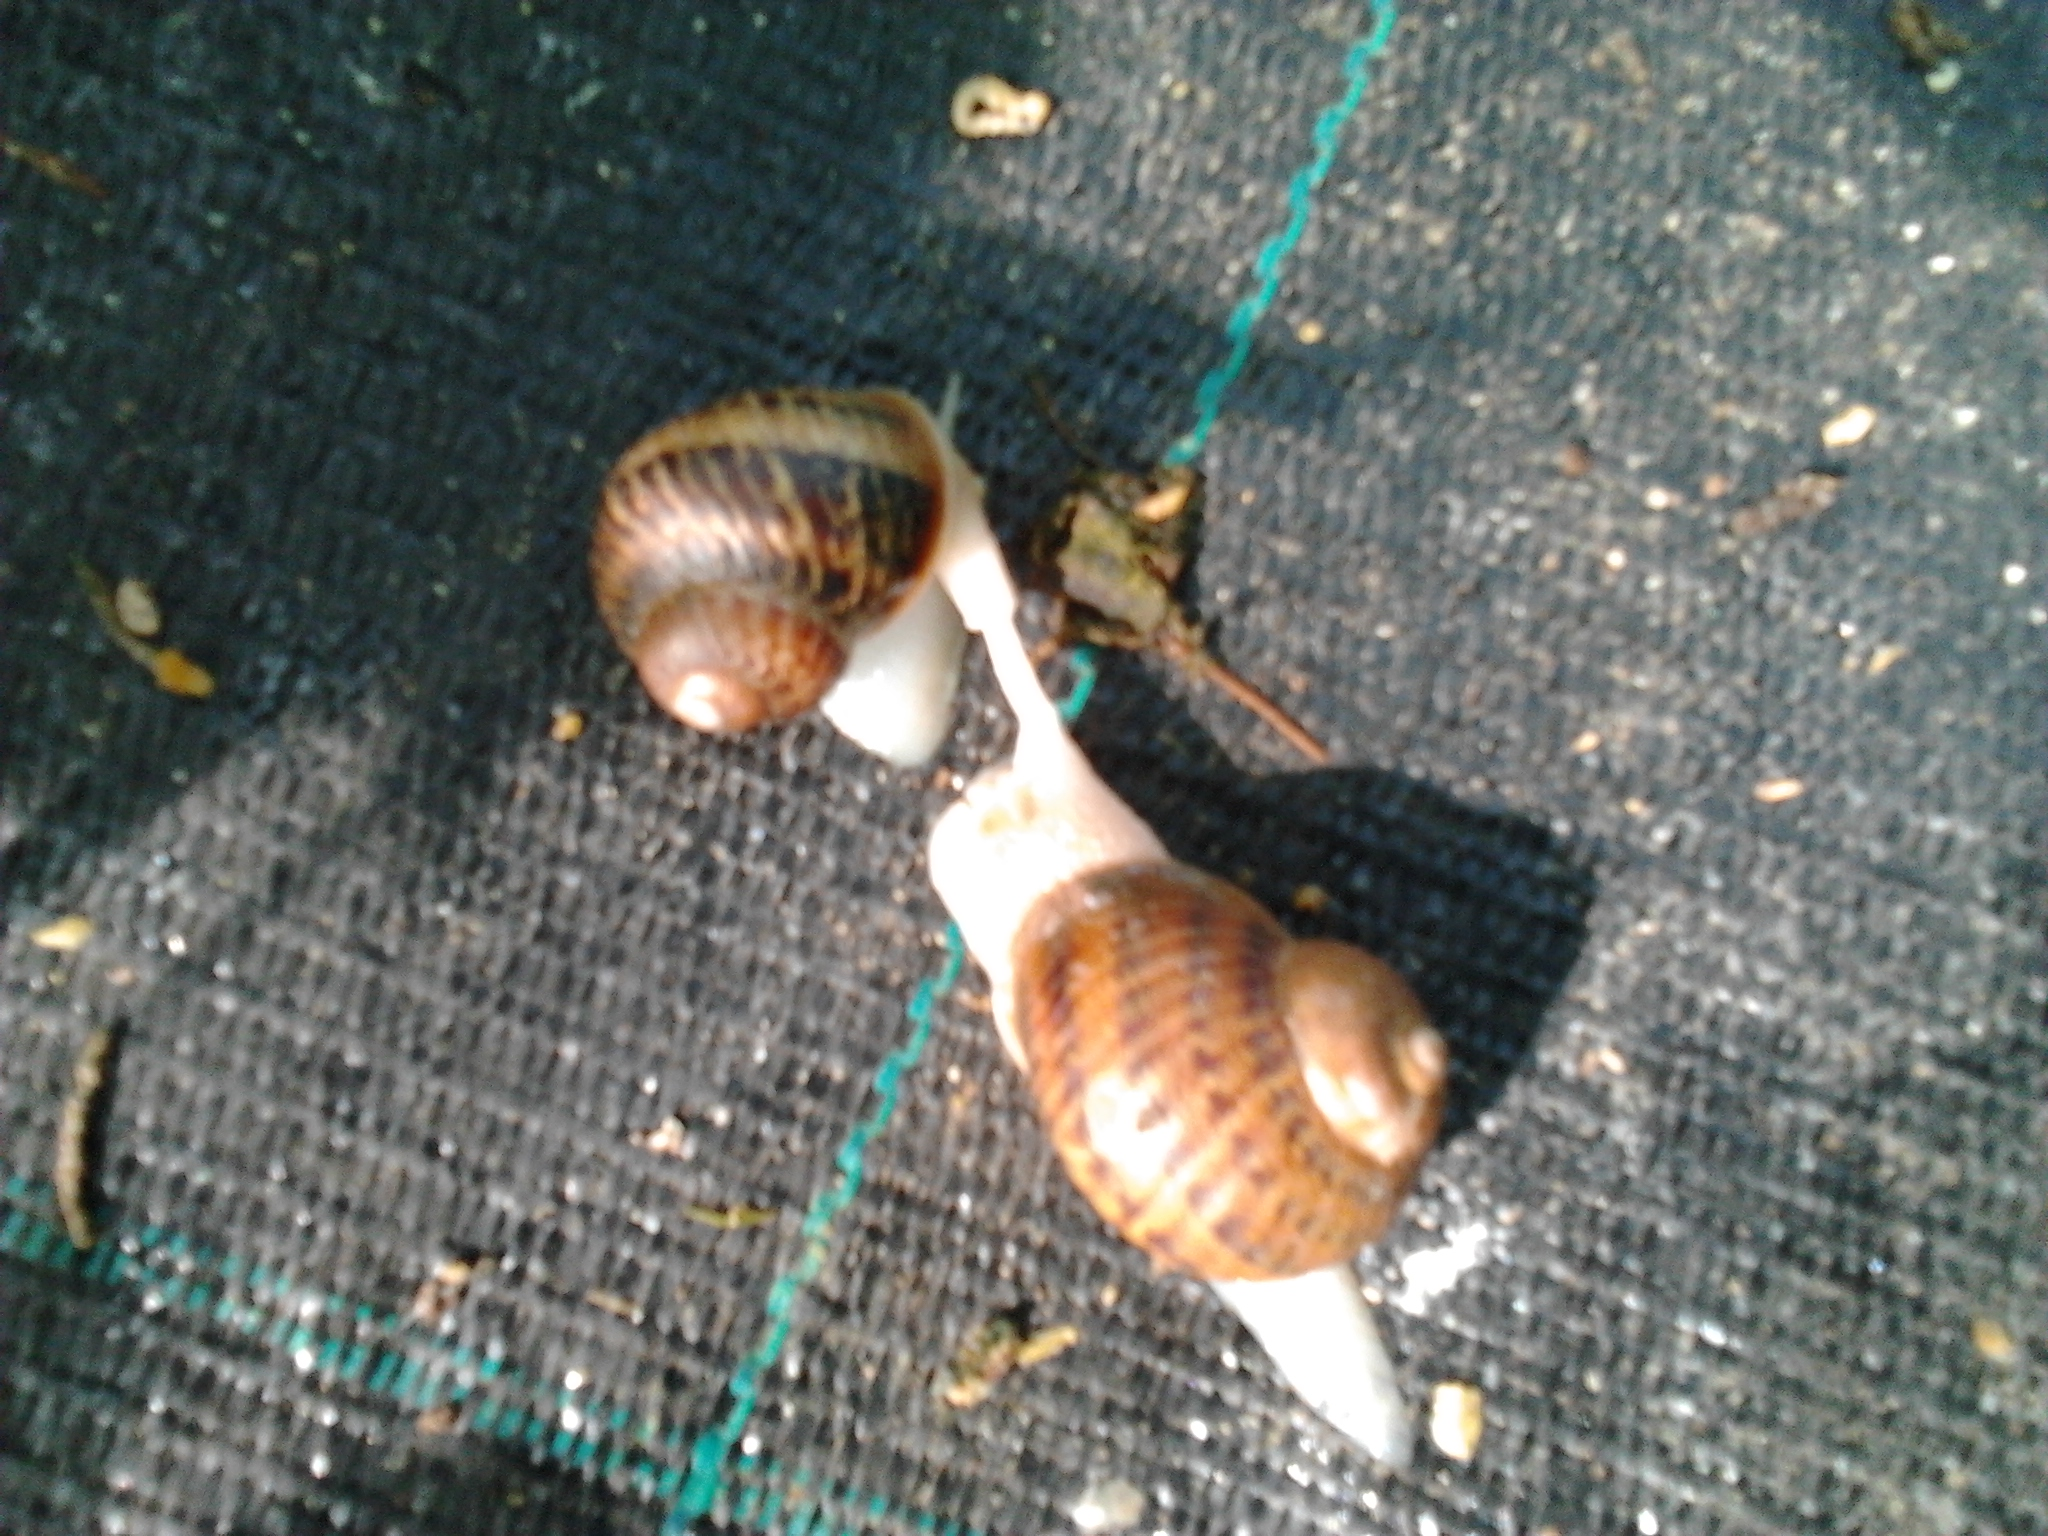 Cómo limpiar caracoles para su consumo